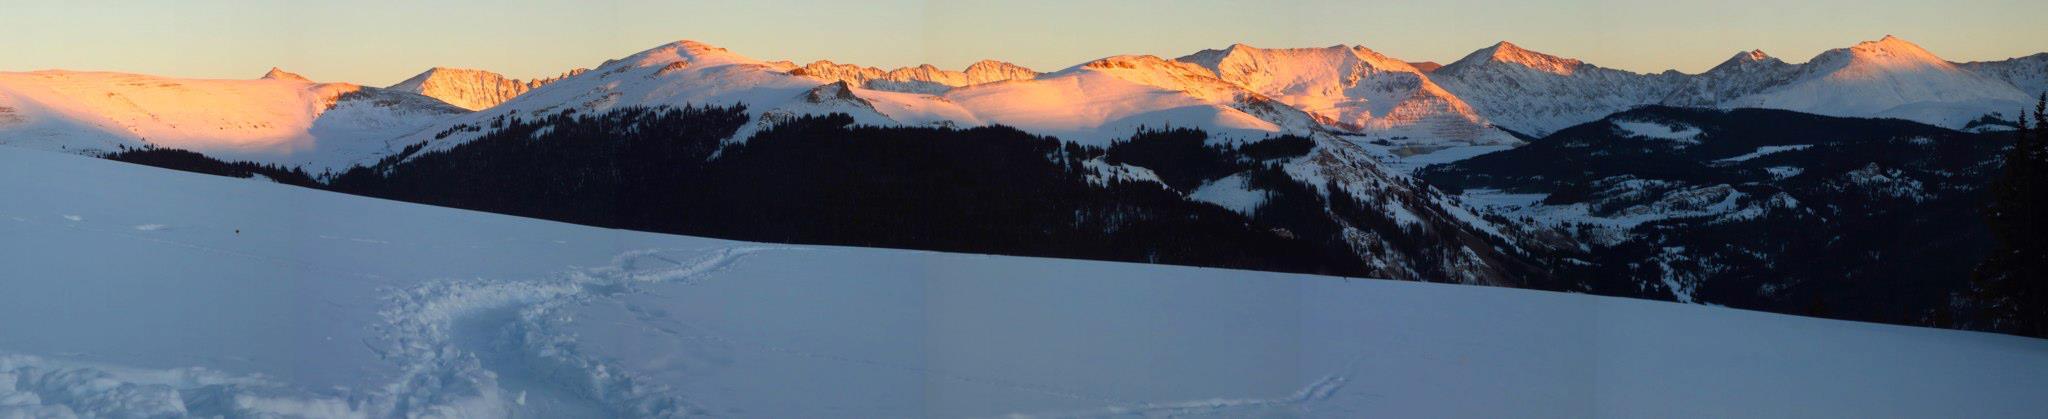 Jackal_Hut_-_Sunset_panorama